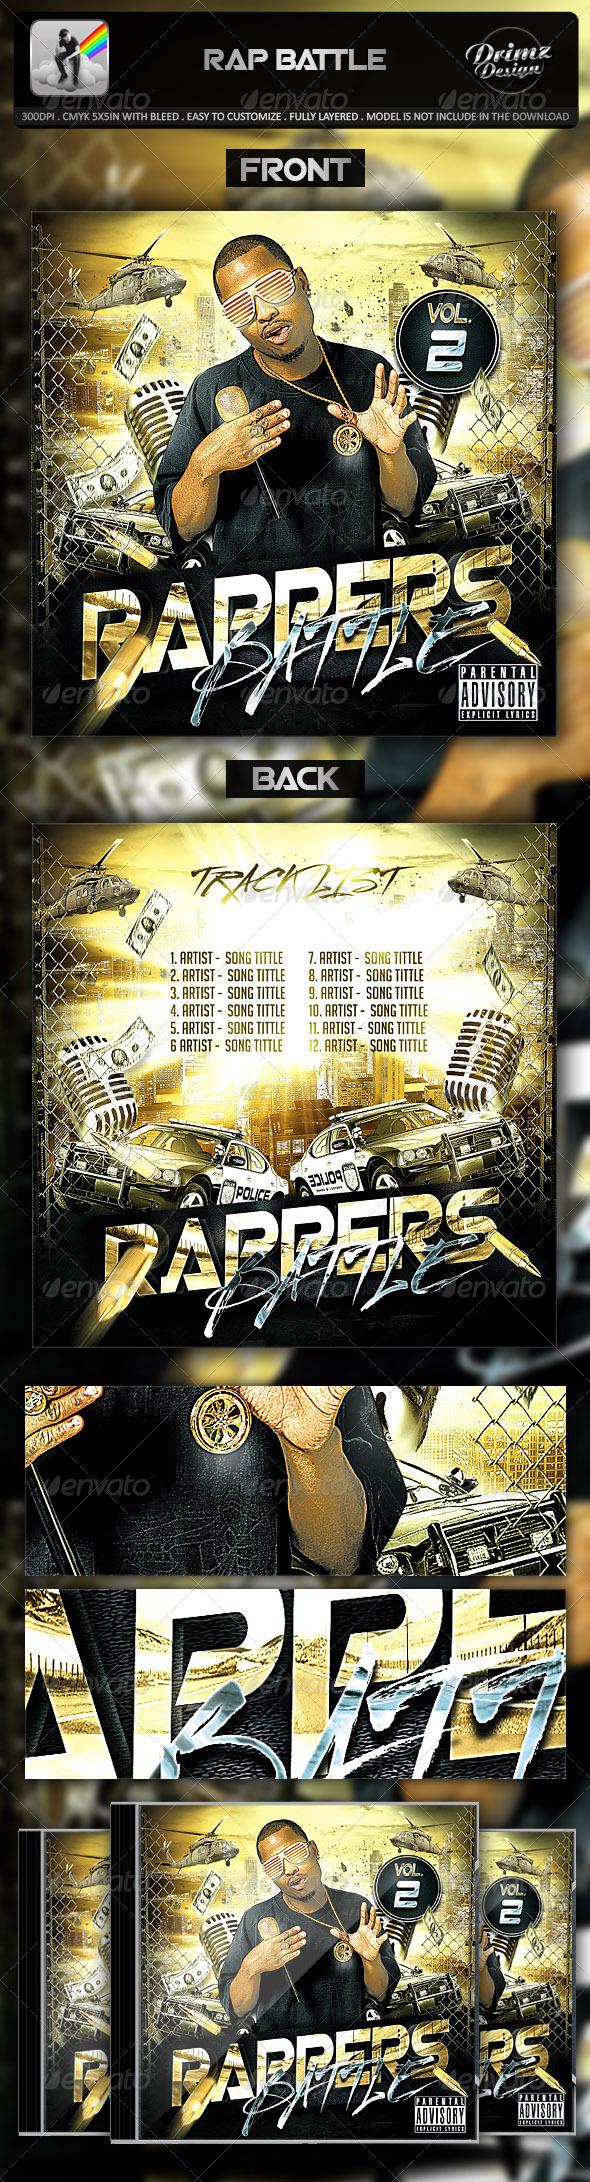 GraphicRiver Rap Battle Mixtape Template 7124905